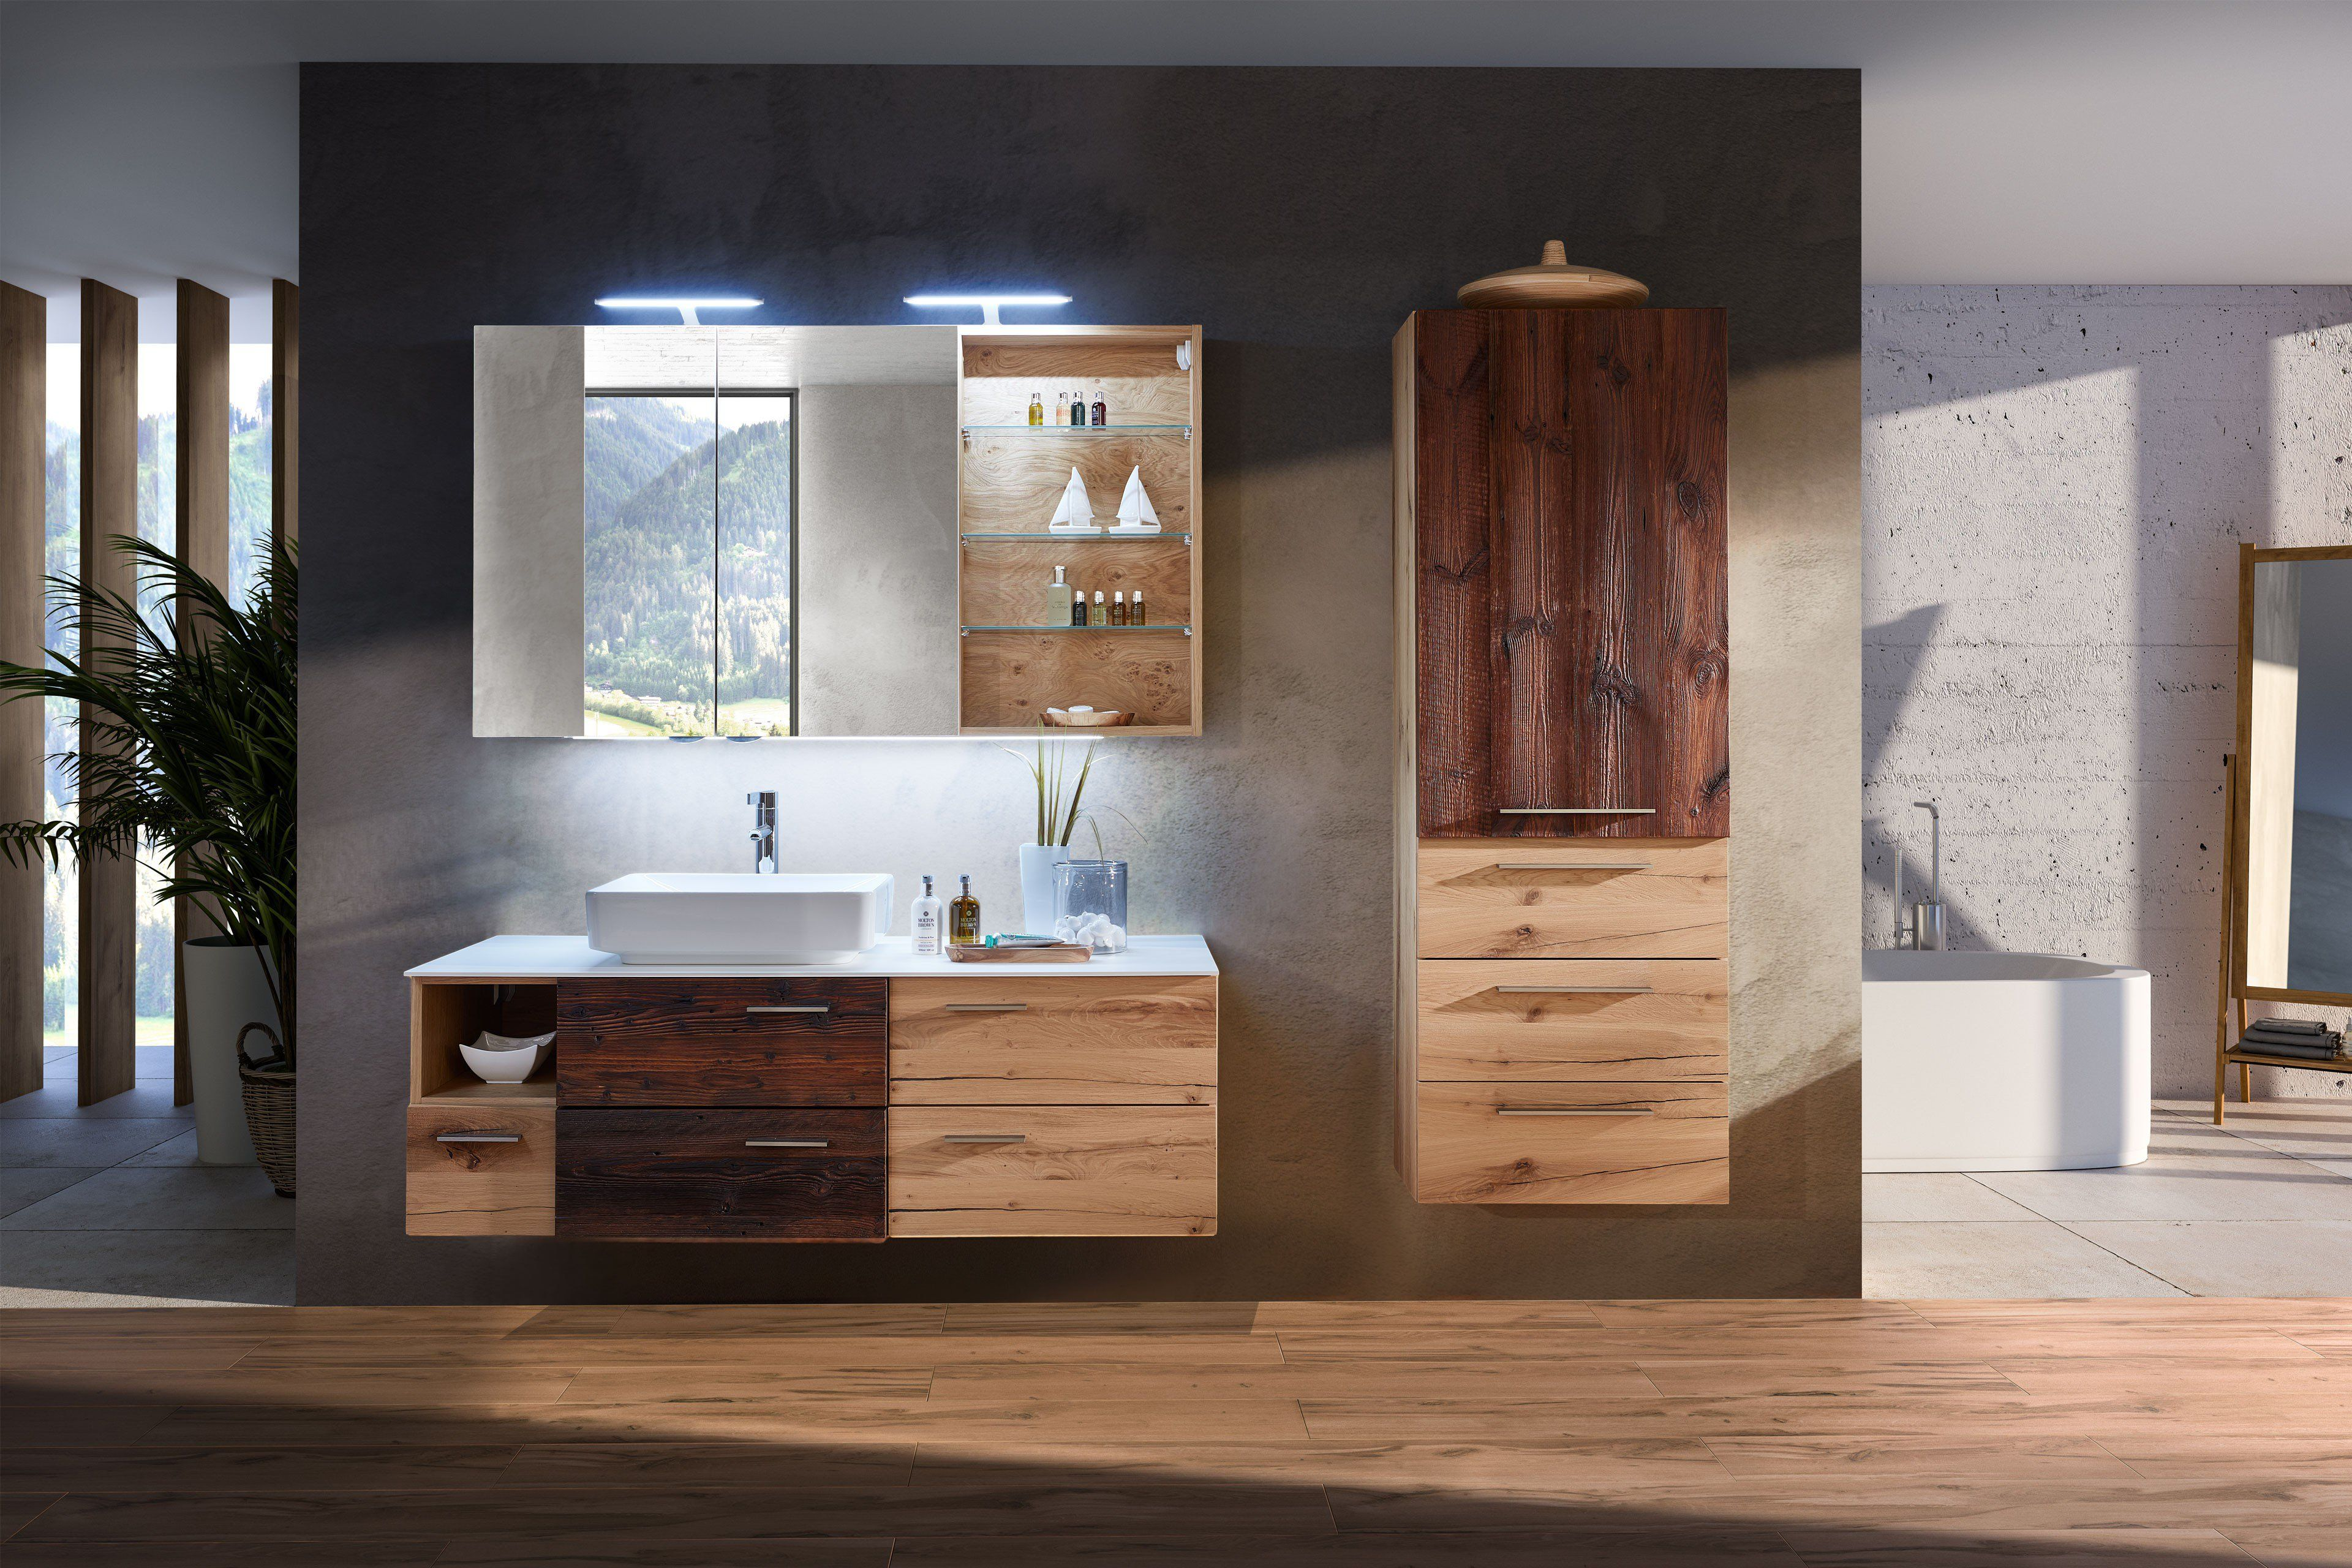 Schroder Mobel Kitzalm Alpenflair Badezimmer Alteiche Mobel Letz Ihr Online Shop Badezimmer Einrichtung Badezimmer Innenausstattung Alte Eiche